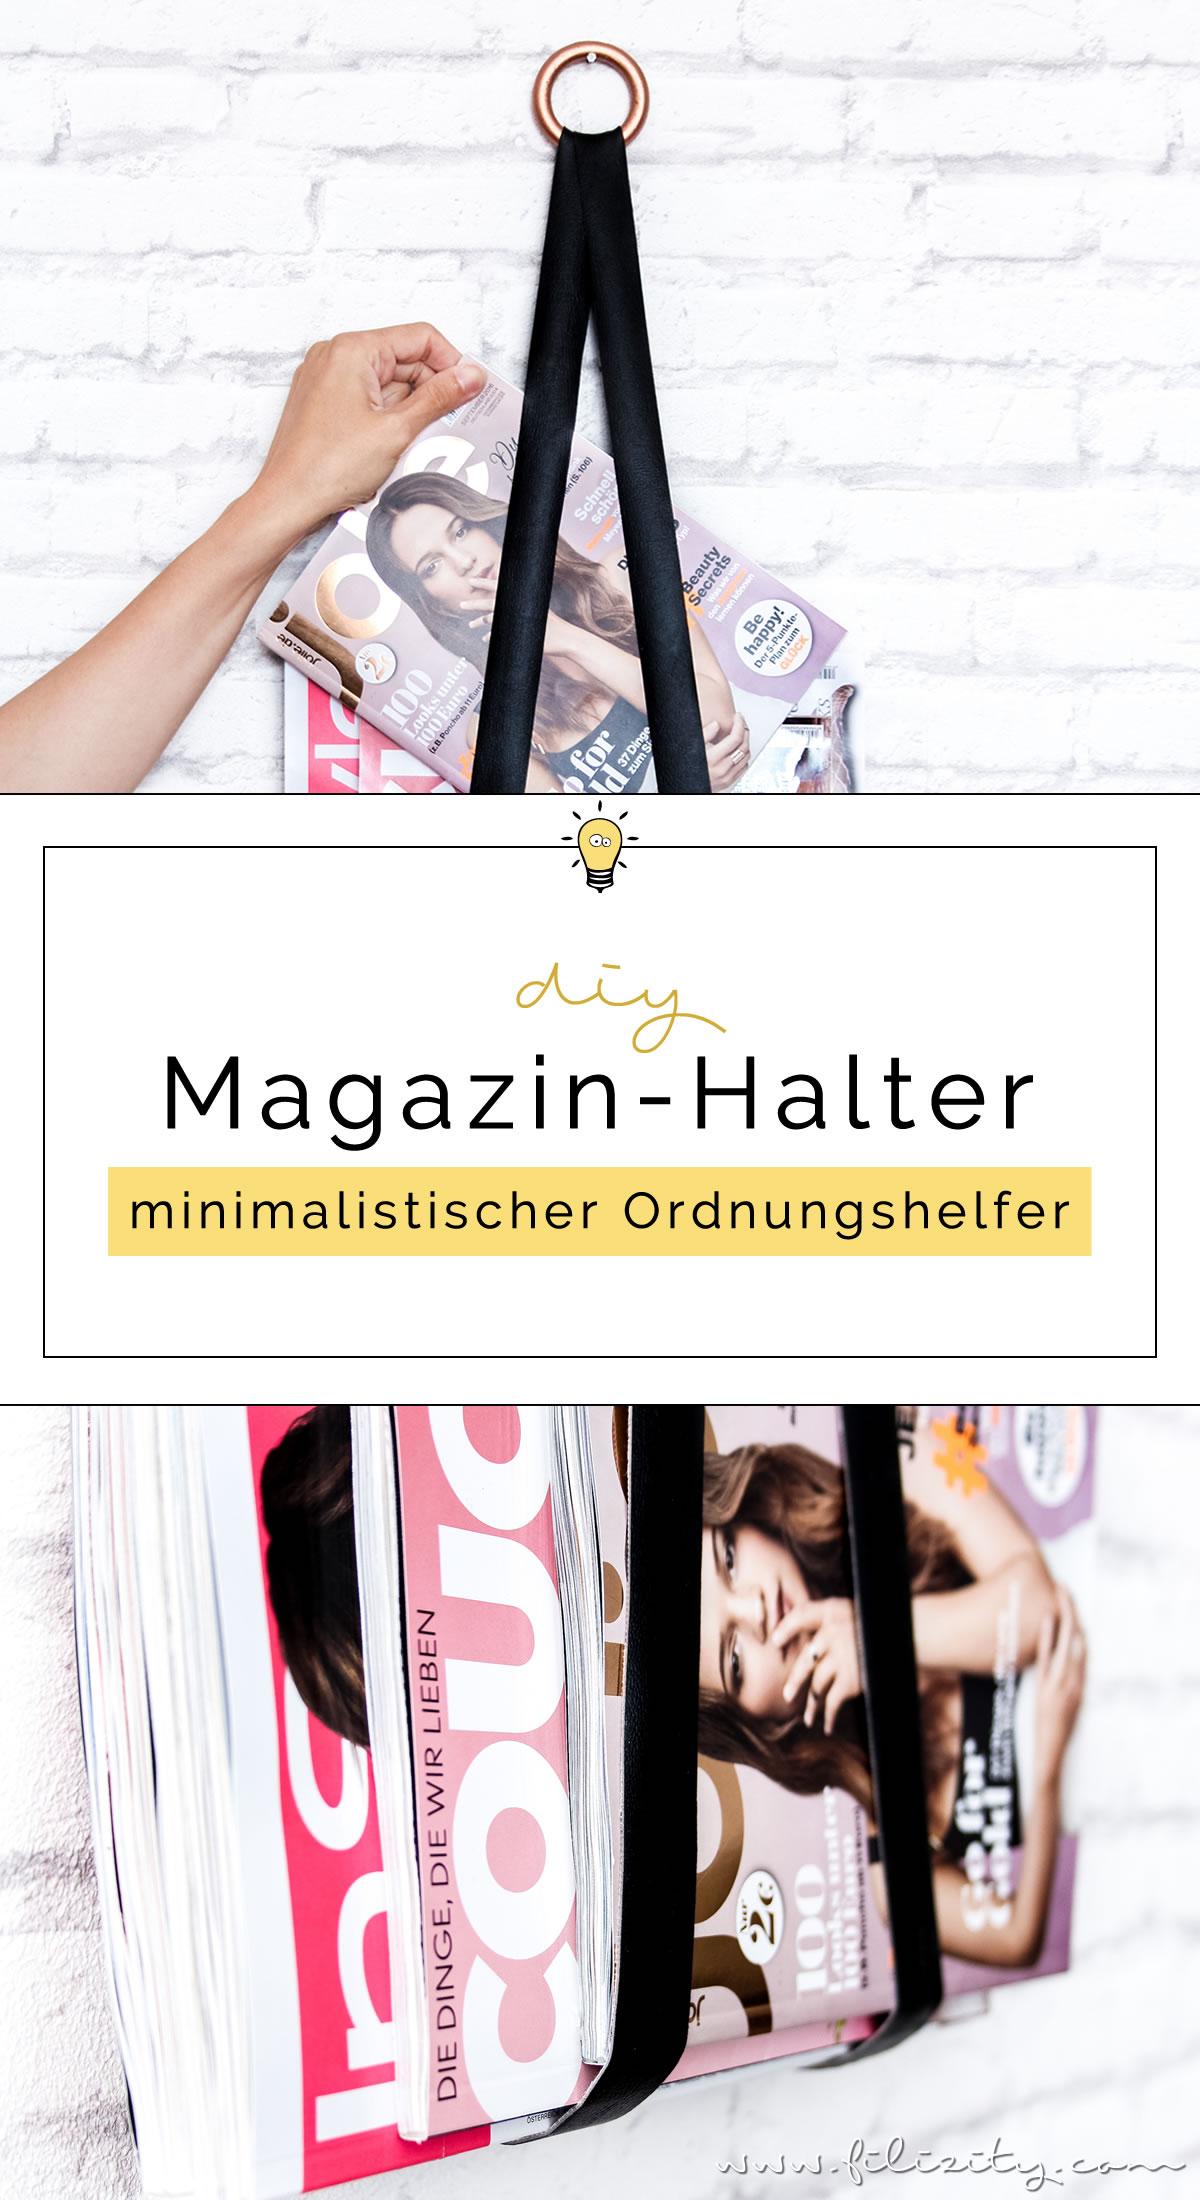 DIY-Deko: Magazin-Halter für Zeitschriften | Minimalistischer Ordnungshelfer im Skandi-Stil | Filizity.com | DIY-Blog aus dem Rheinland #skandi